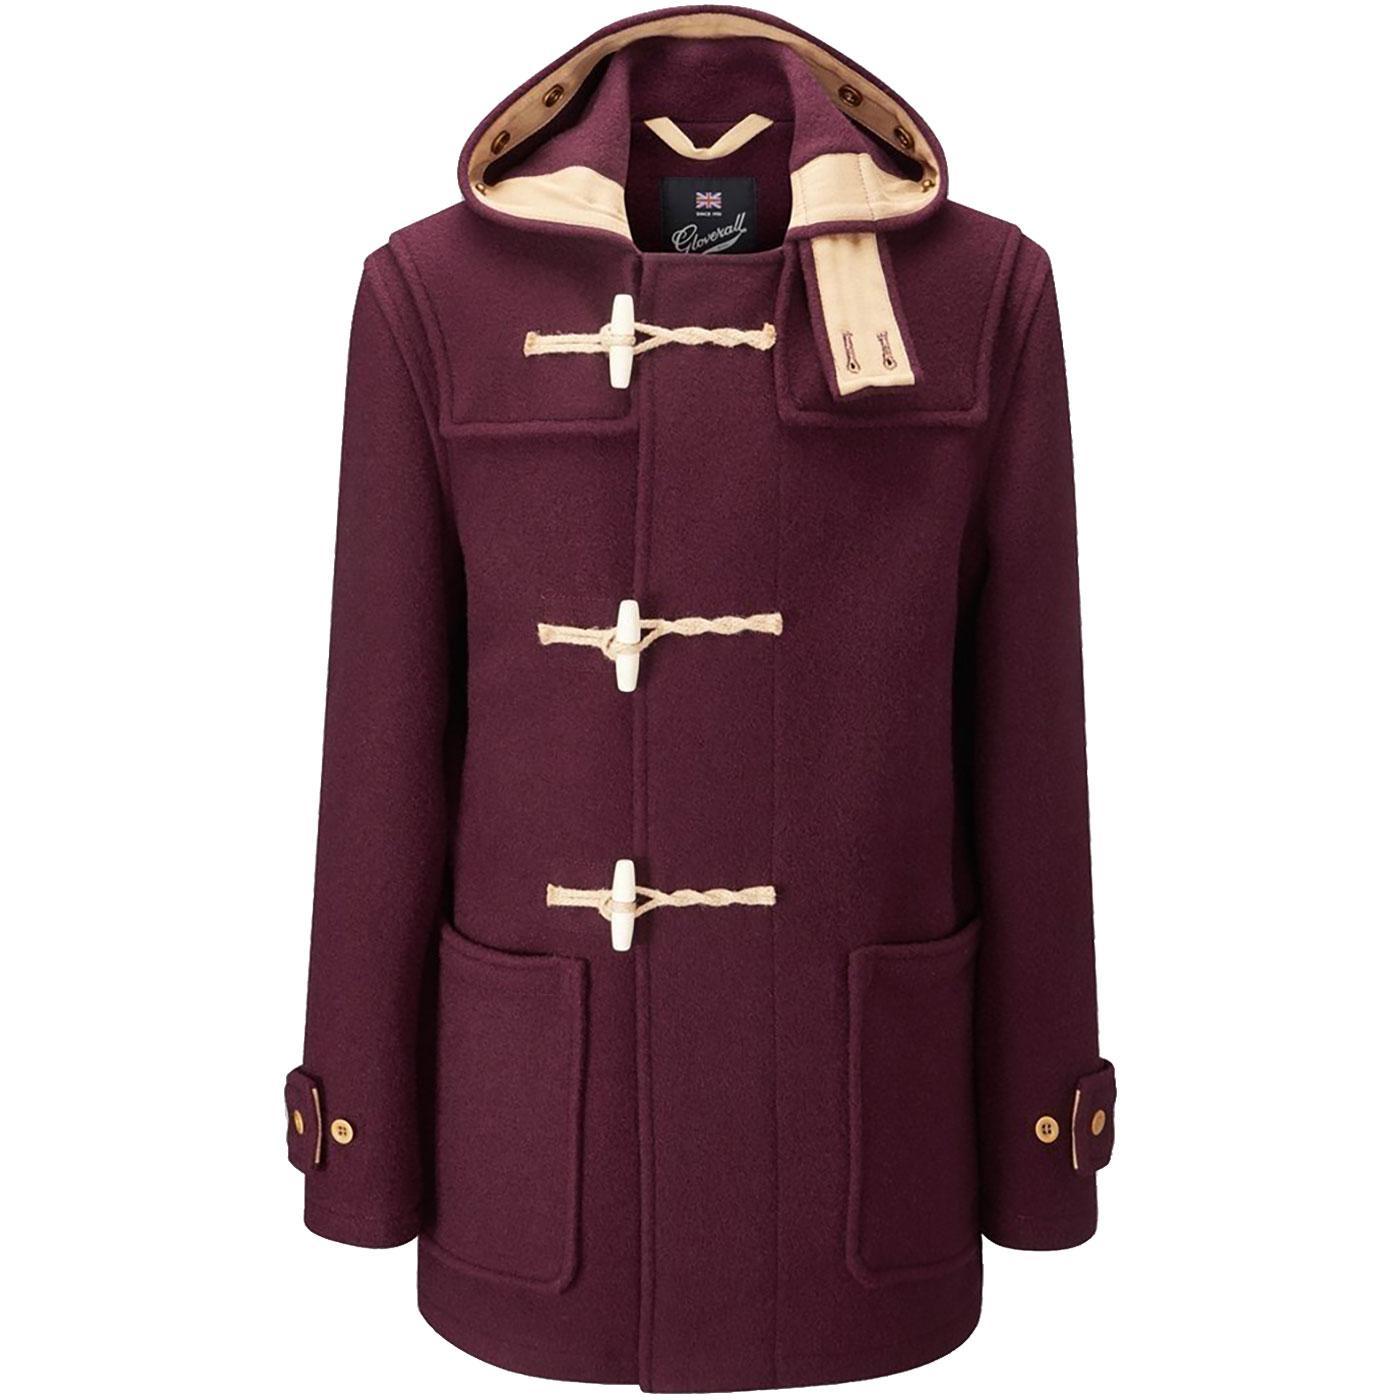 Mid Monty GLOVERALL Mod 60s Wool Duffle Coat (Bu)